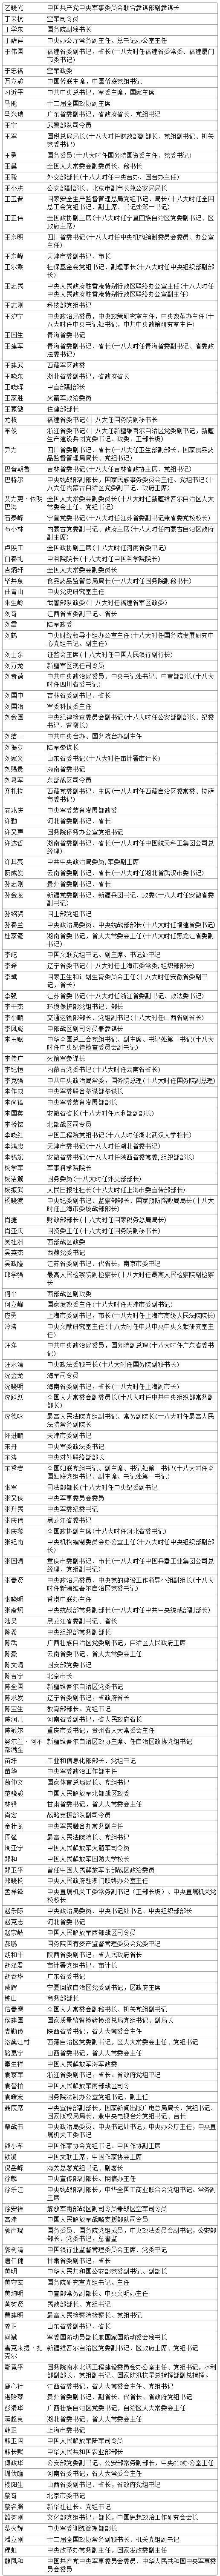 2019中央委员最新排名